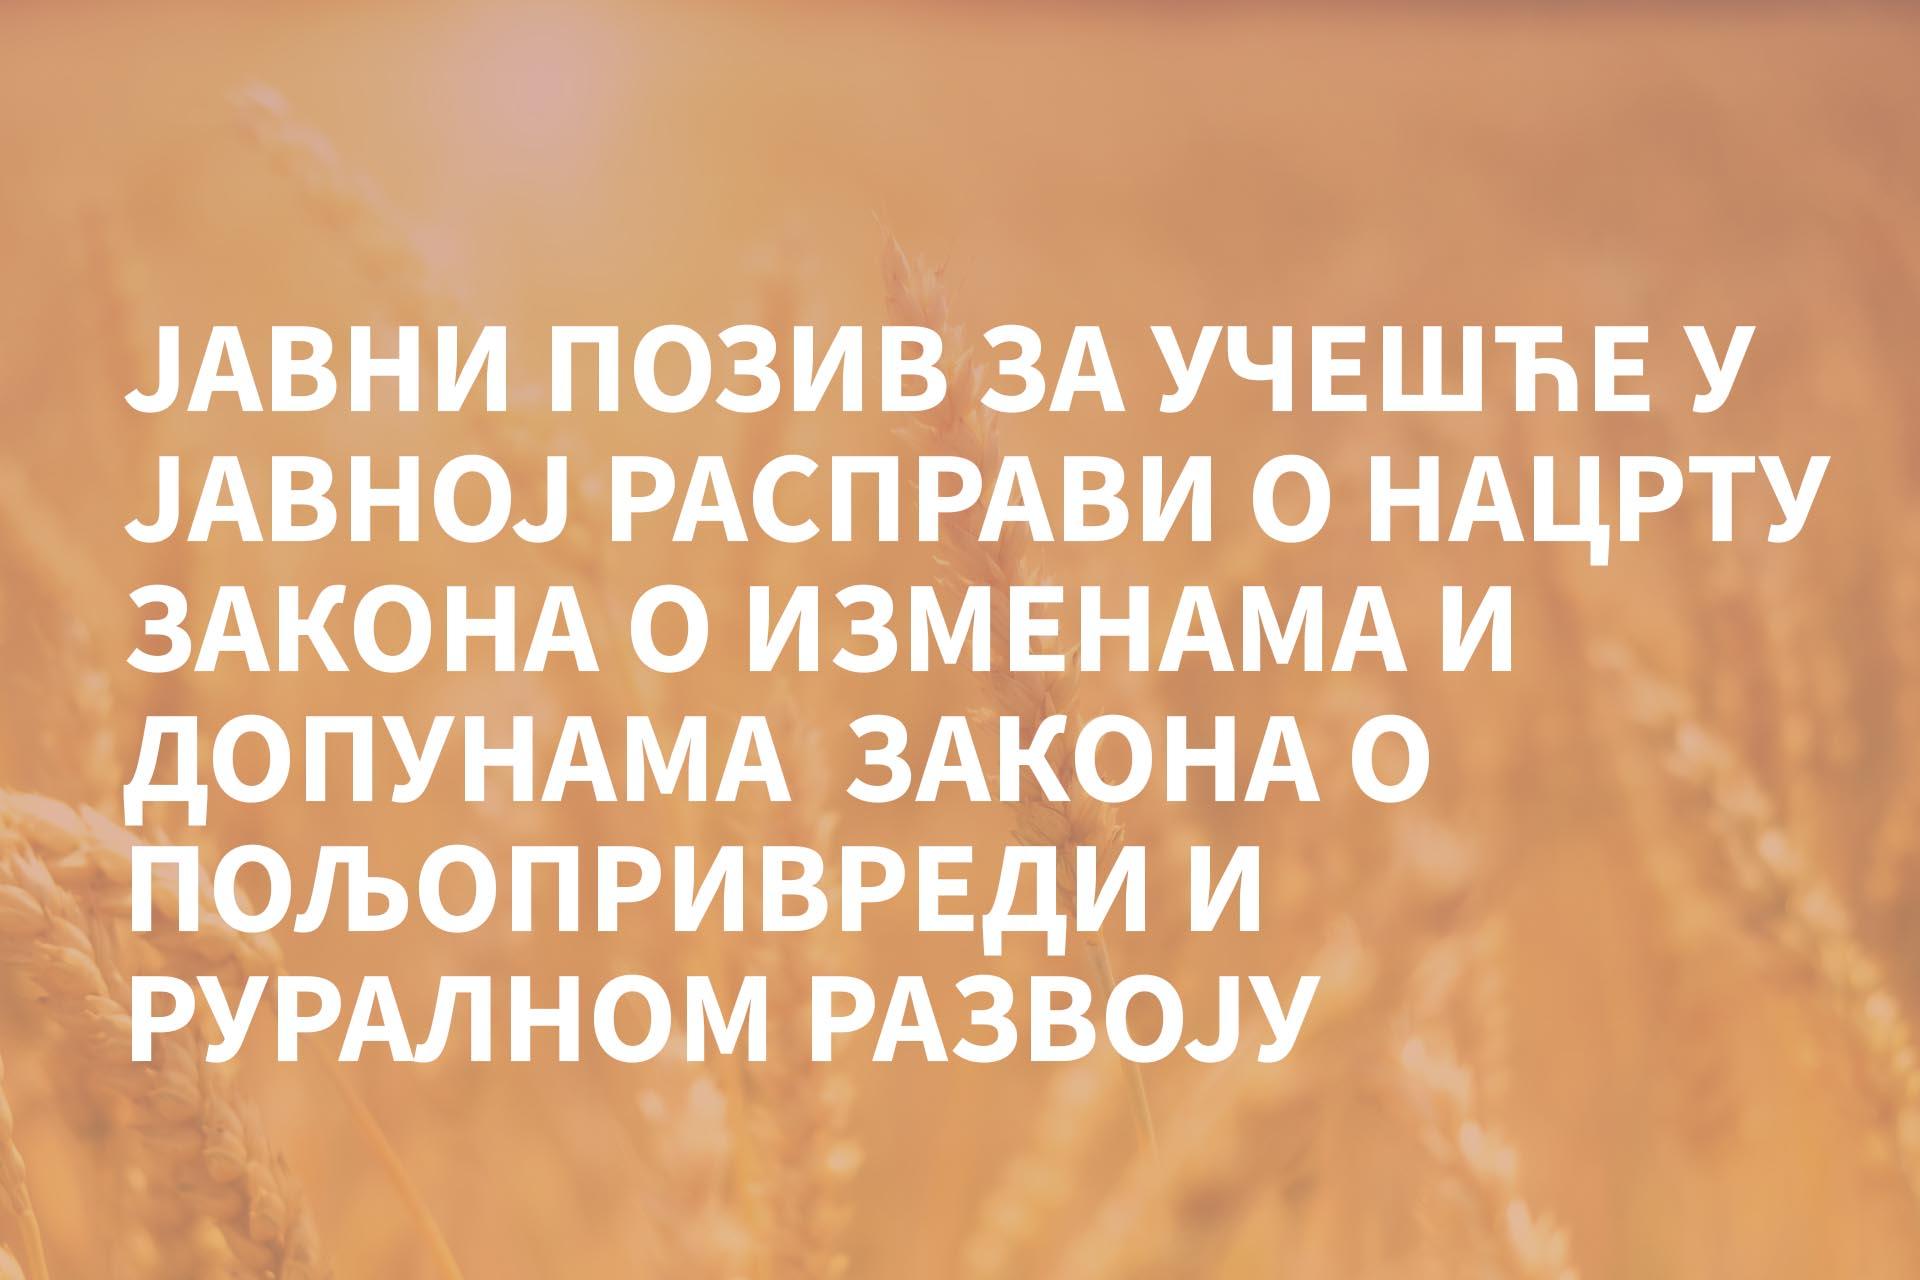 Јавни позив за учешће у јавној расправи o  Нацрту закона o изменама и допунама Закона о пољопривреди и руралном развоју